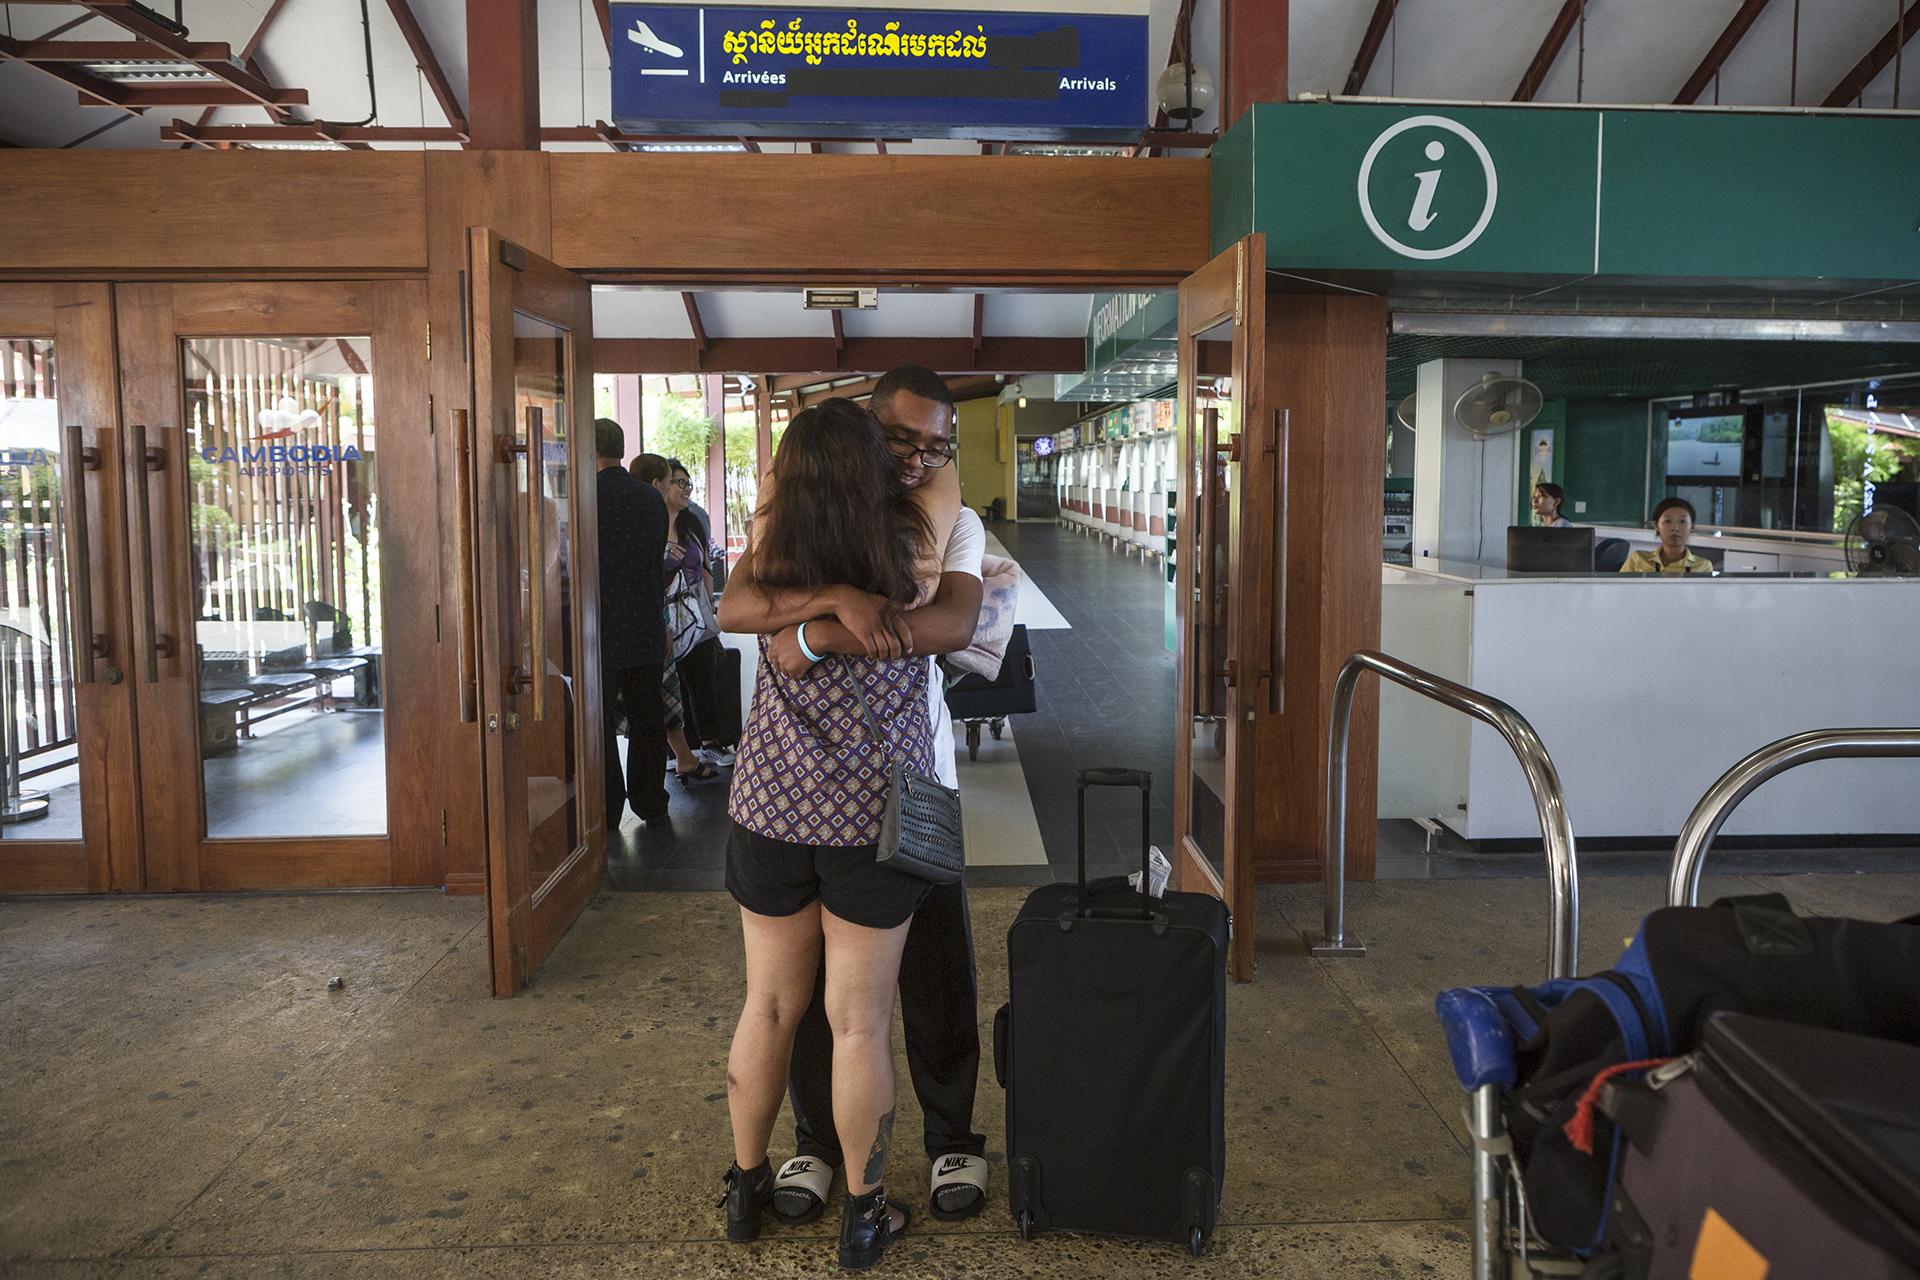 Juin 2016. Aéroport de Phnom-Penh.Arrivée de Kelvin à l'aéroport de Phnom-Penh. Depuis 2011 et la date de sa déportation Sophea n'a pas revu son fils. Ce mois de juin 2016 a été chargé en émotions pour elle. Une grande partie de sa famille est venue lui rendre visite et ils ont pu partager de grands moments ensemble.